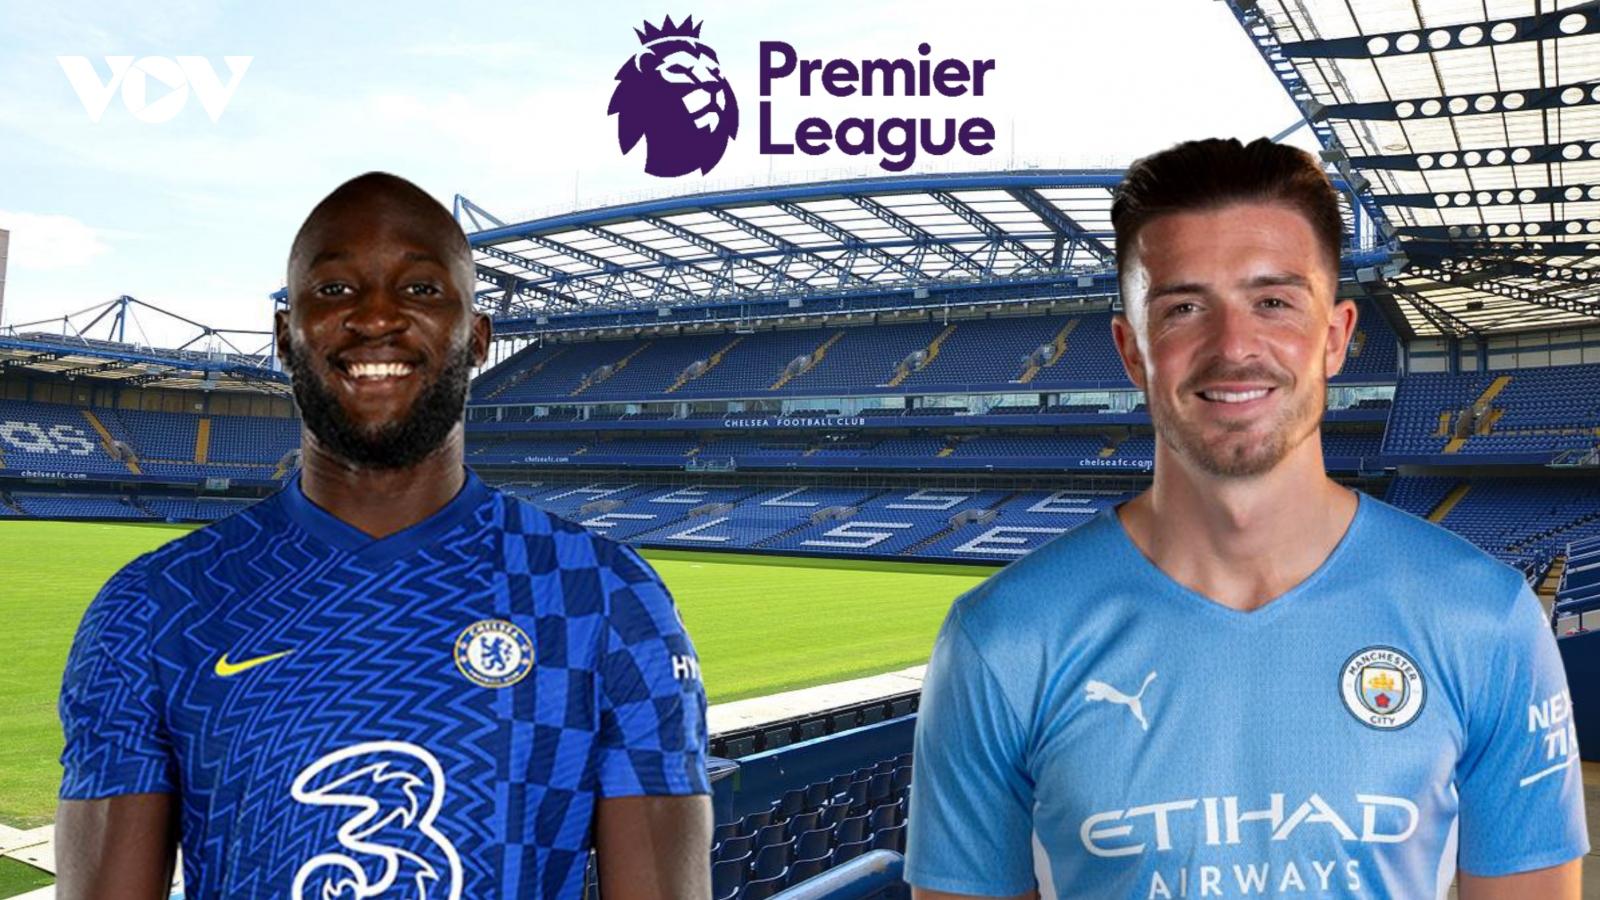 Dự đoán kết quả, đội hình xuất phát trận Chelsea - Man City